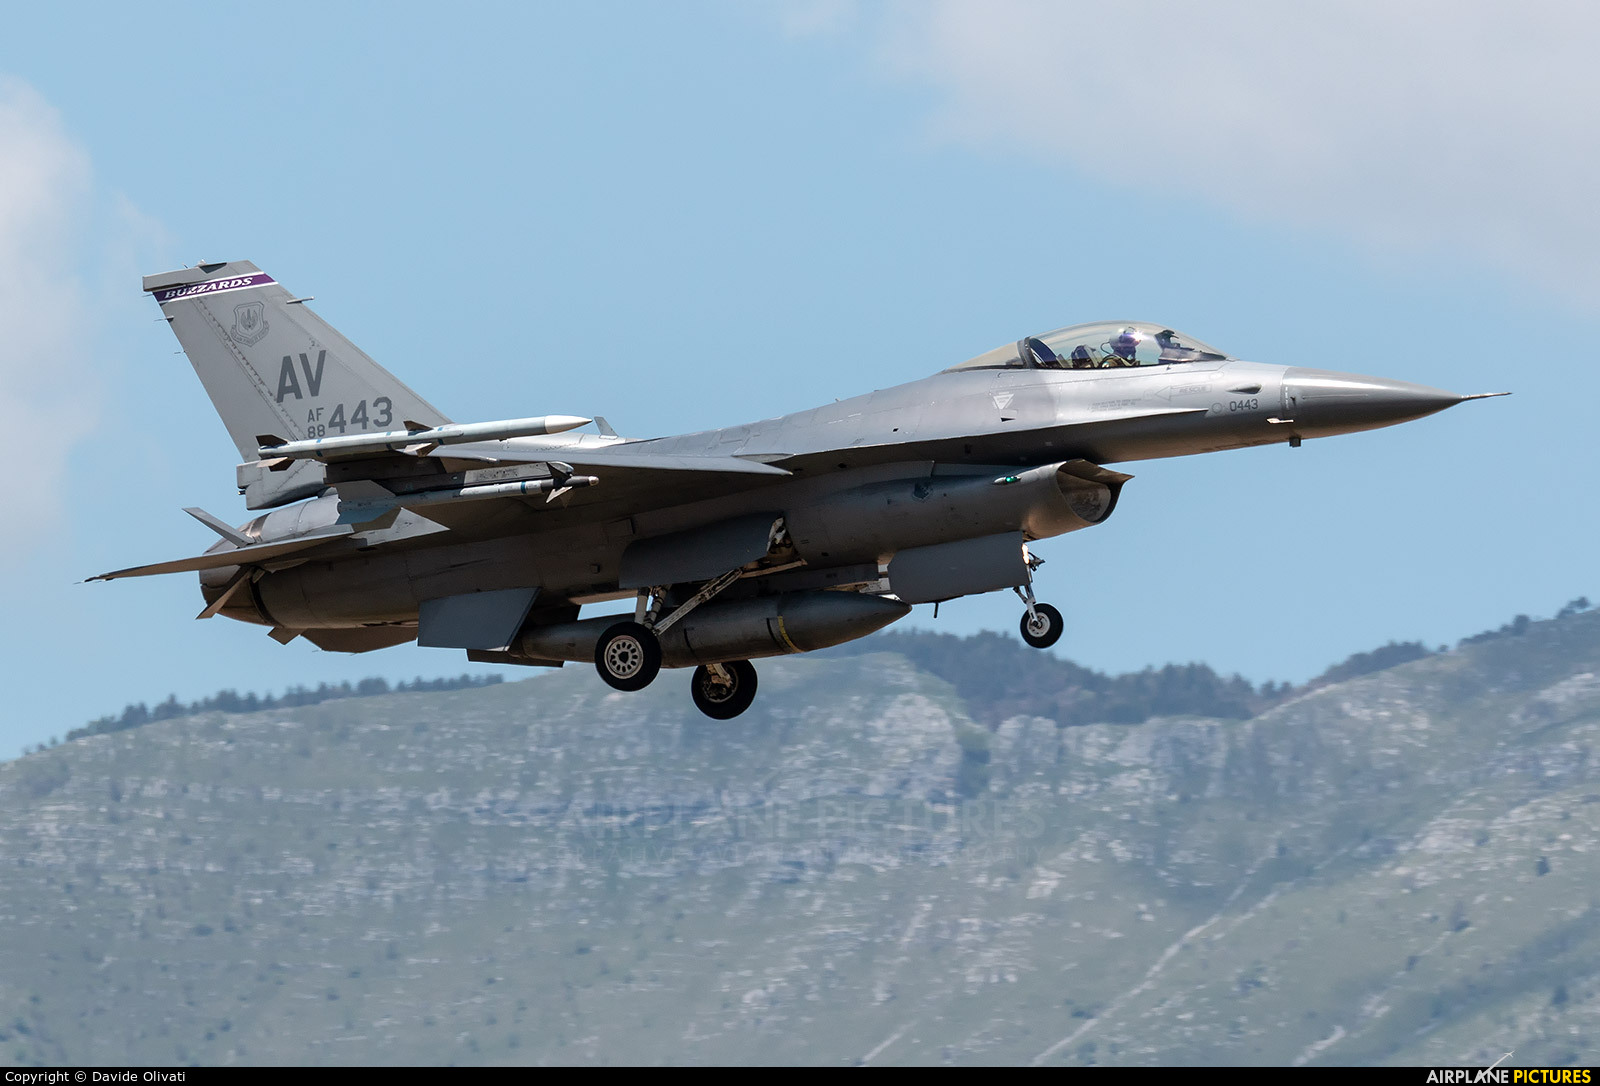 USA - Air Force 88-0443 aircraft at Aviano